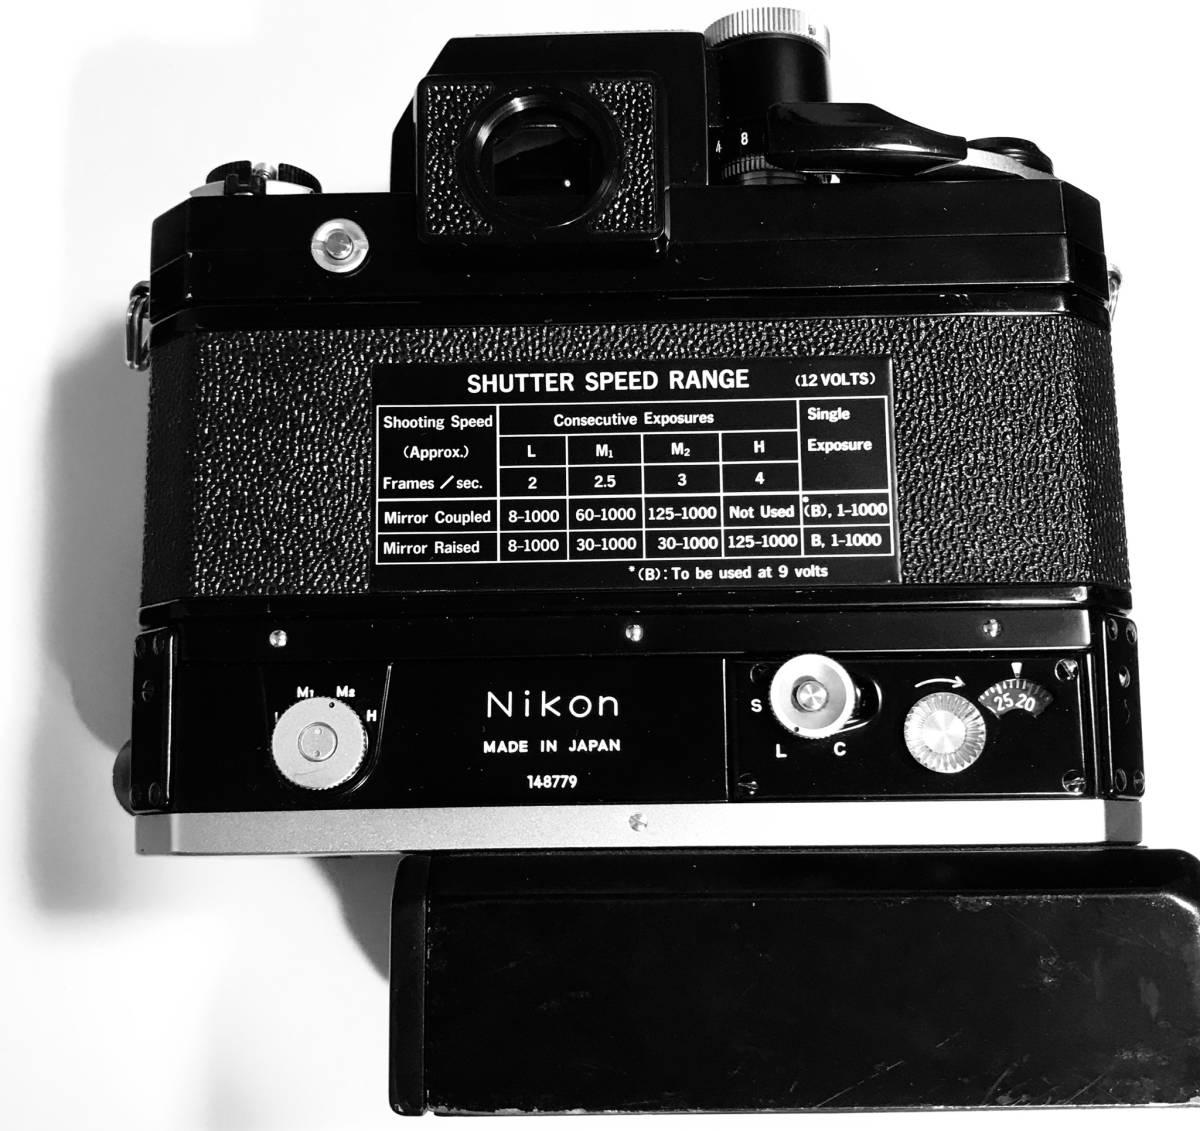 ニコンF FTN モータードライブF-36付き★ブラック★最後期型★キィートスで全てオーバーホール済み_画像5